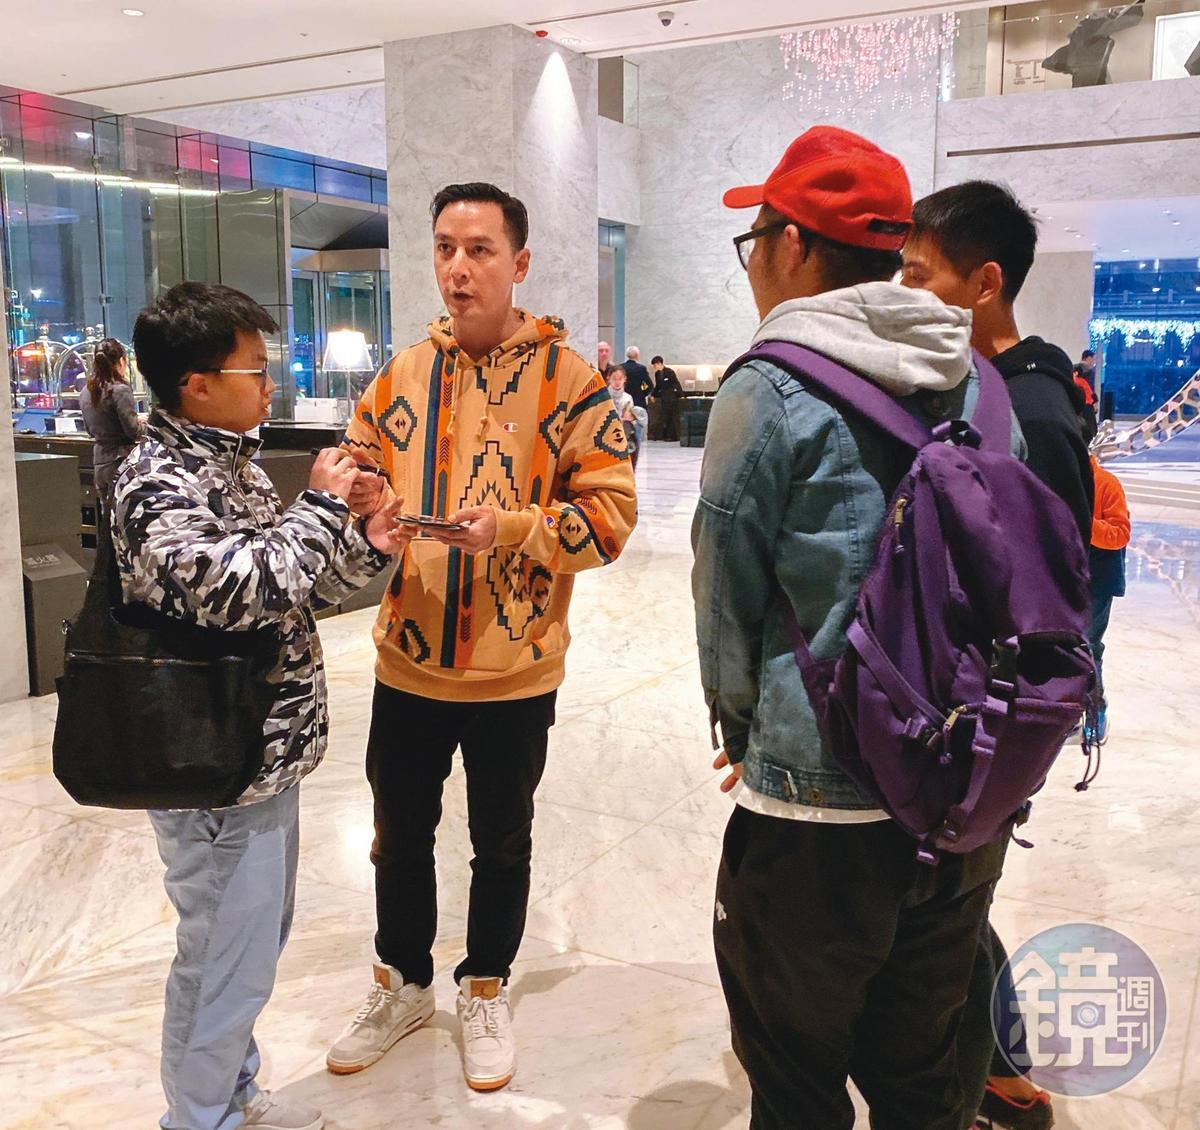 好幾名粉絲在酒店大廳和吳彥祖(左二)交談許久。